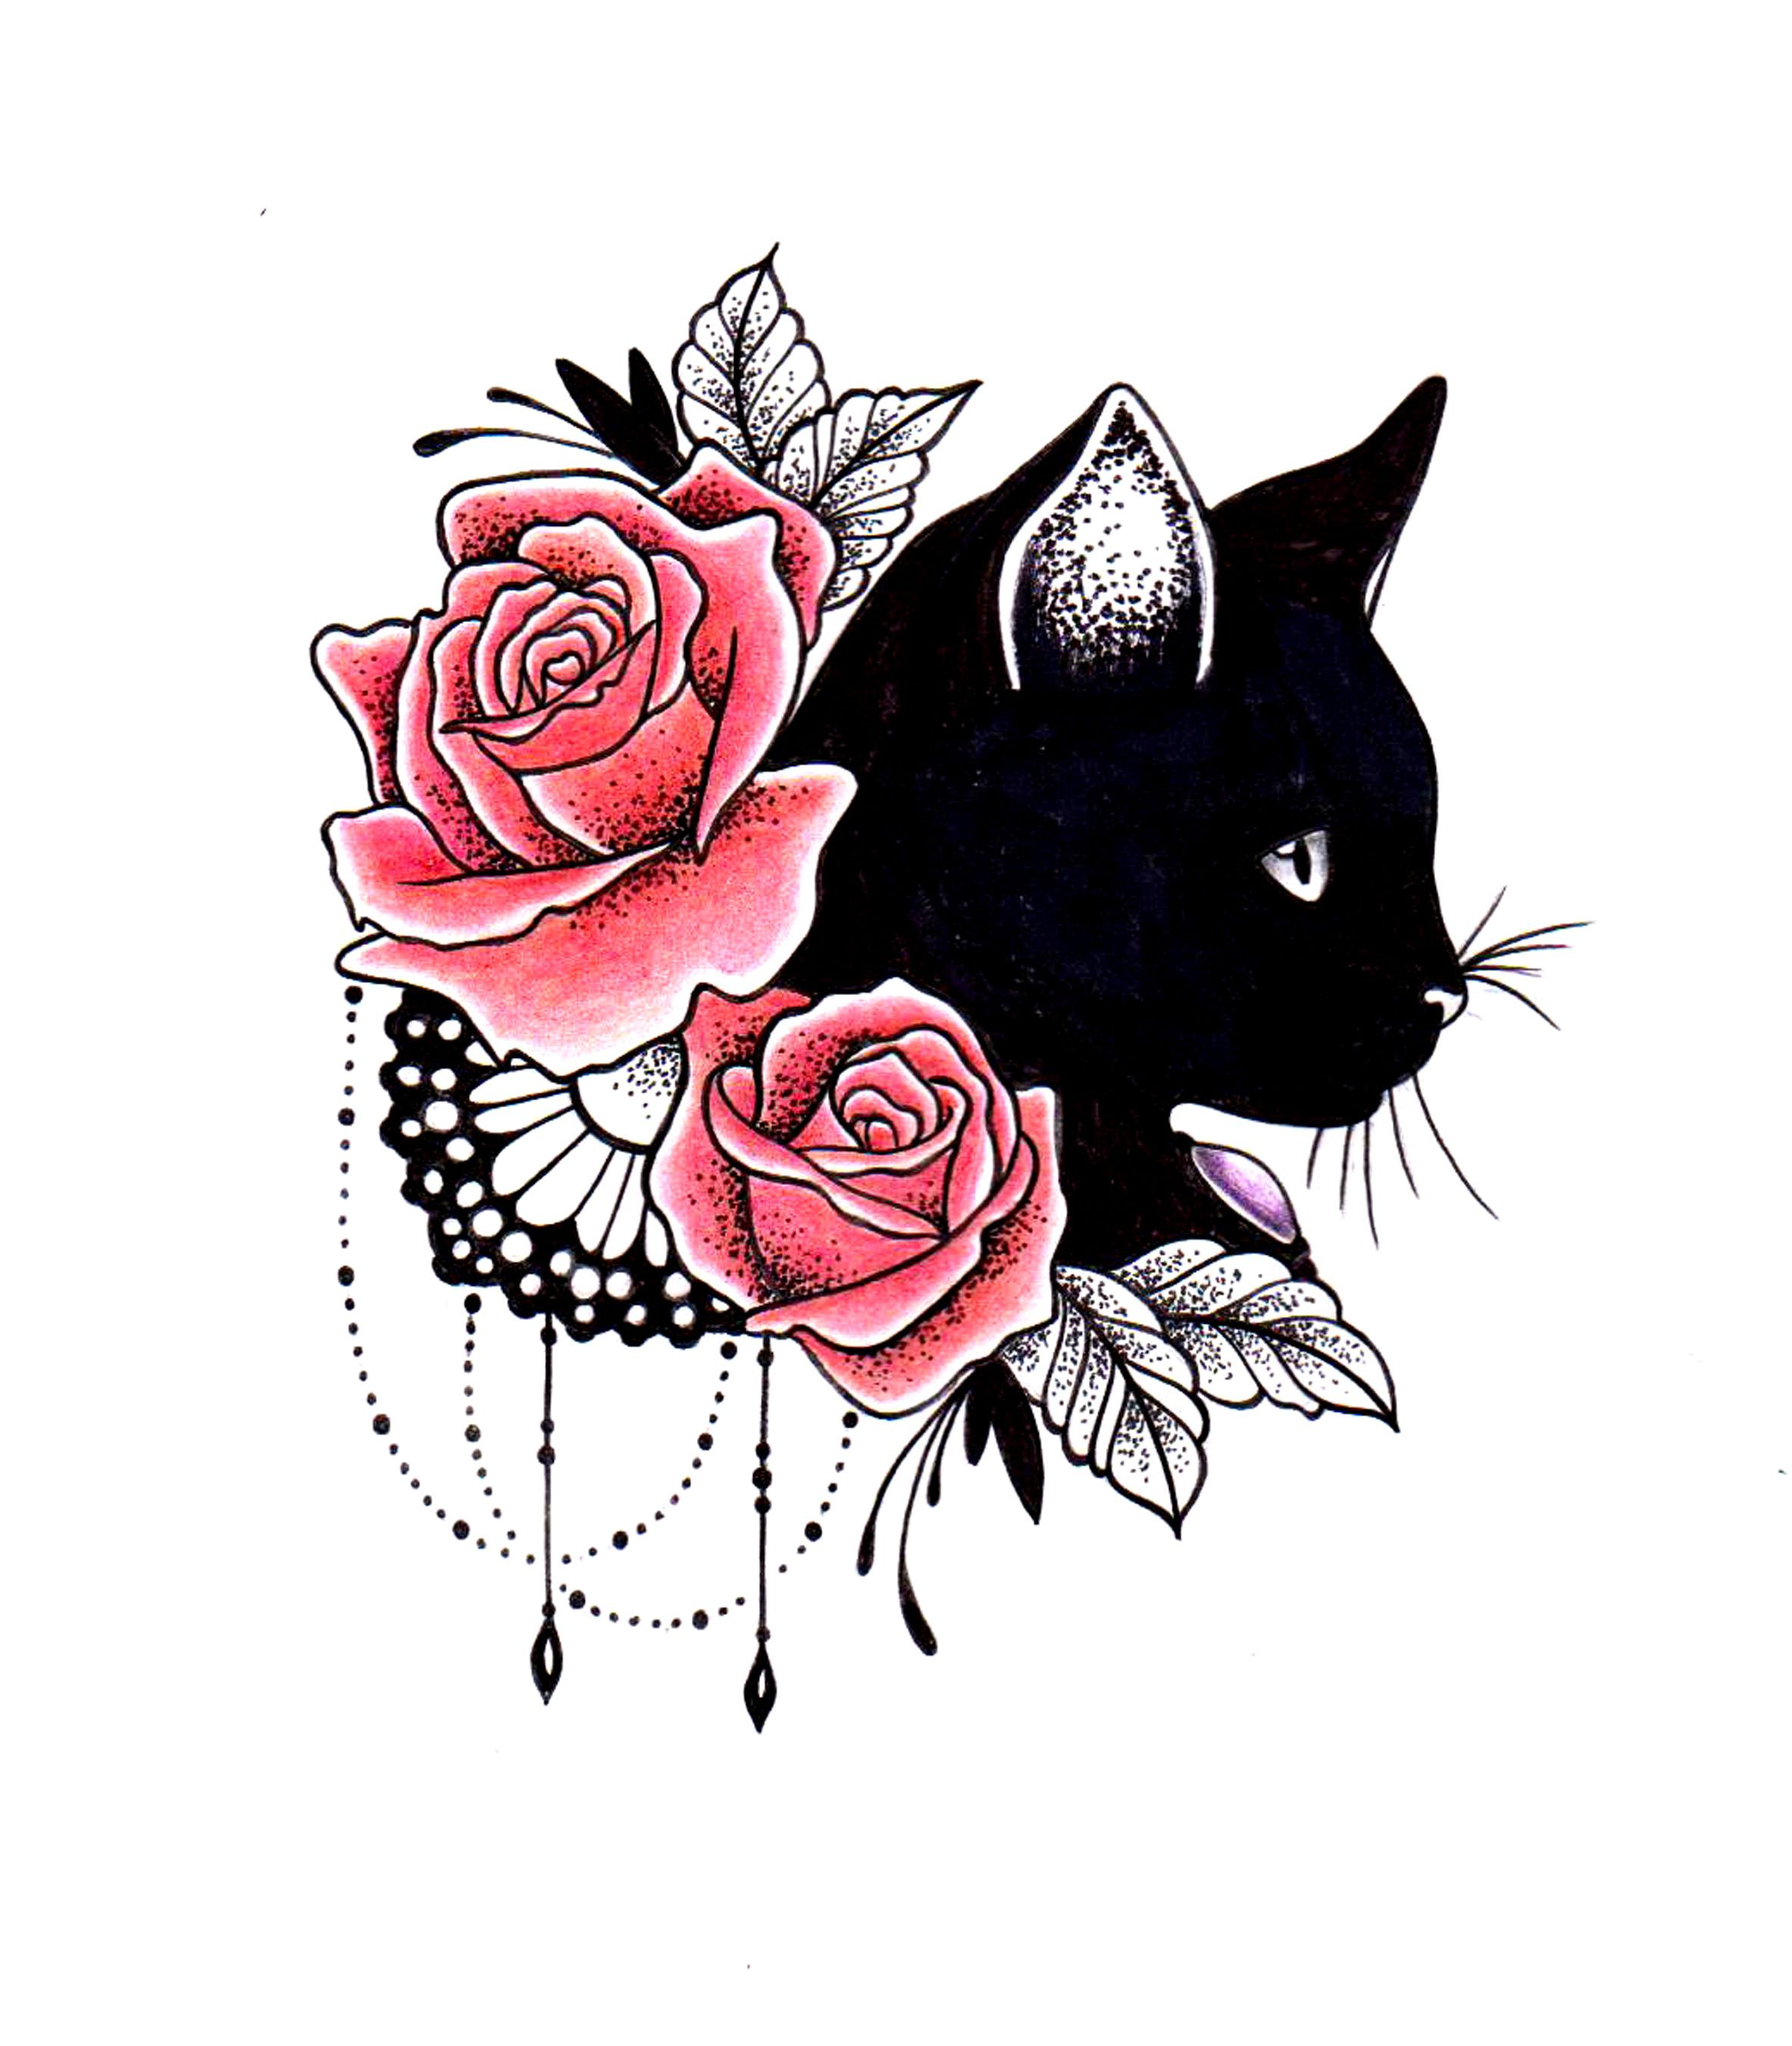 mod le pour tatouage chat noire roses dentelle bijoux. Black Bedroom Furniture Sets. Home Design Ideas